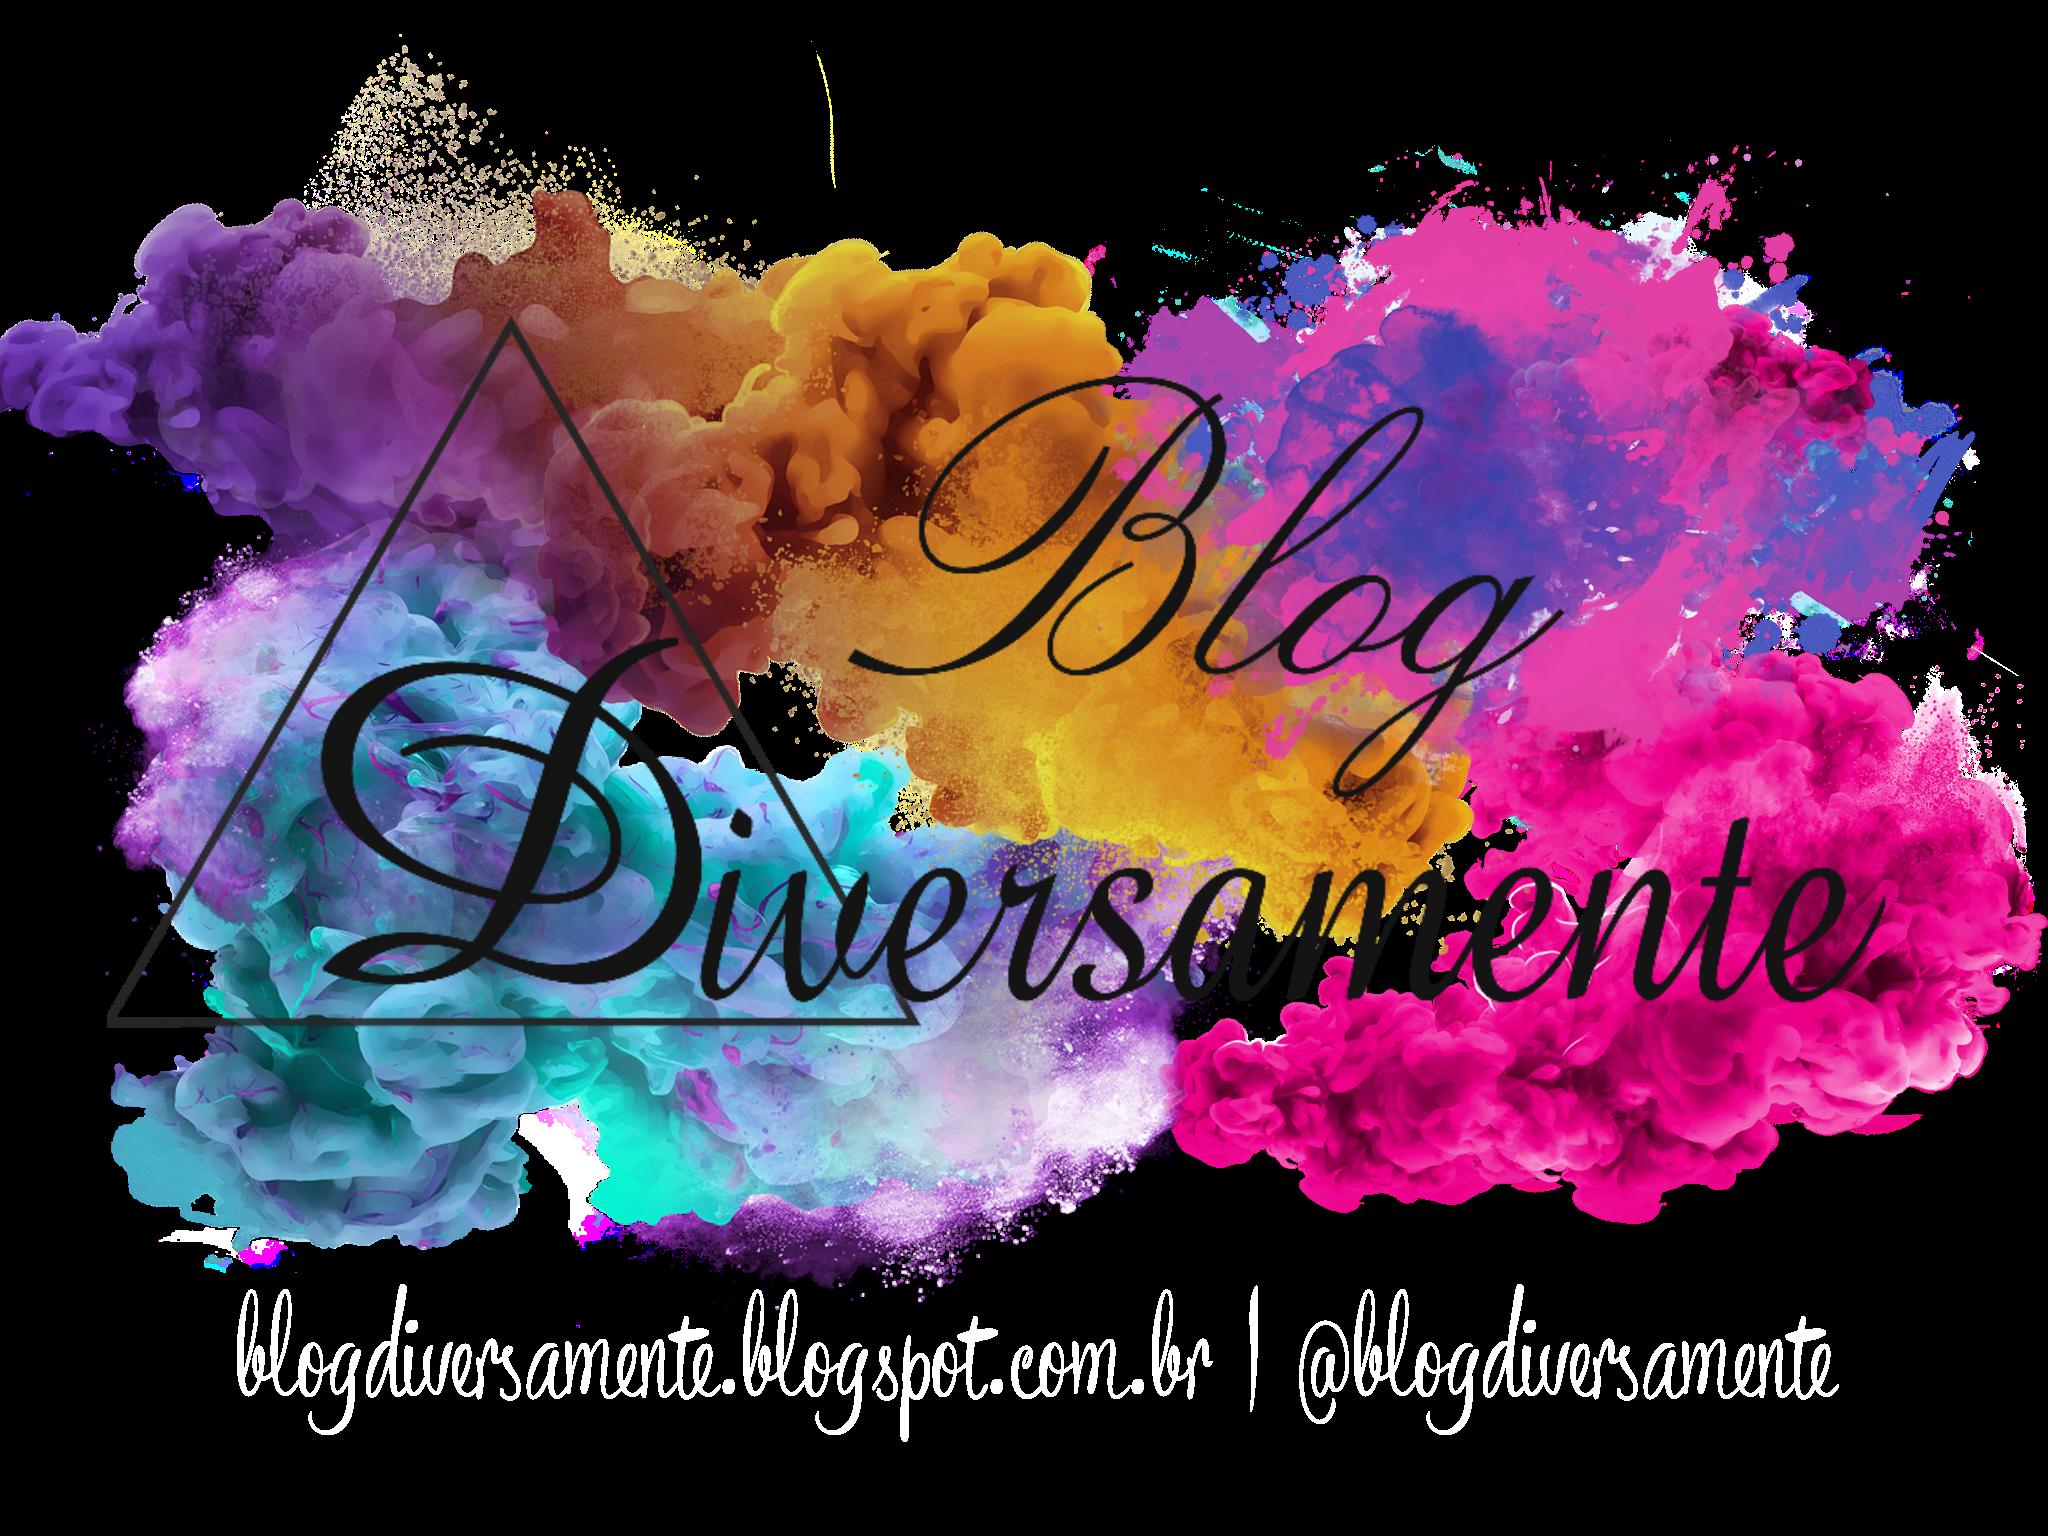 Blog Diversamente